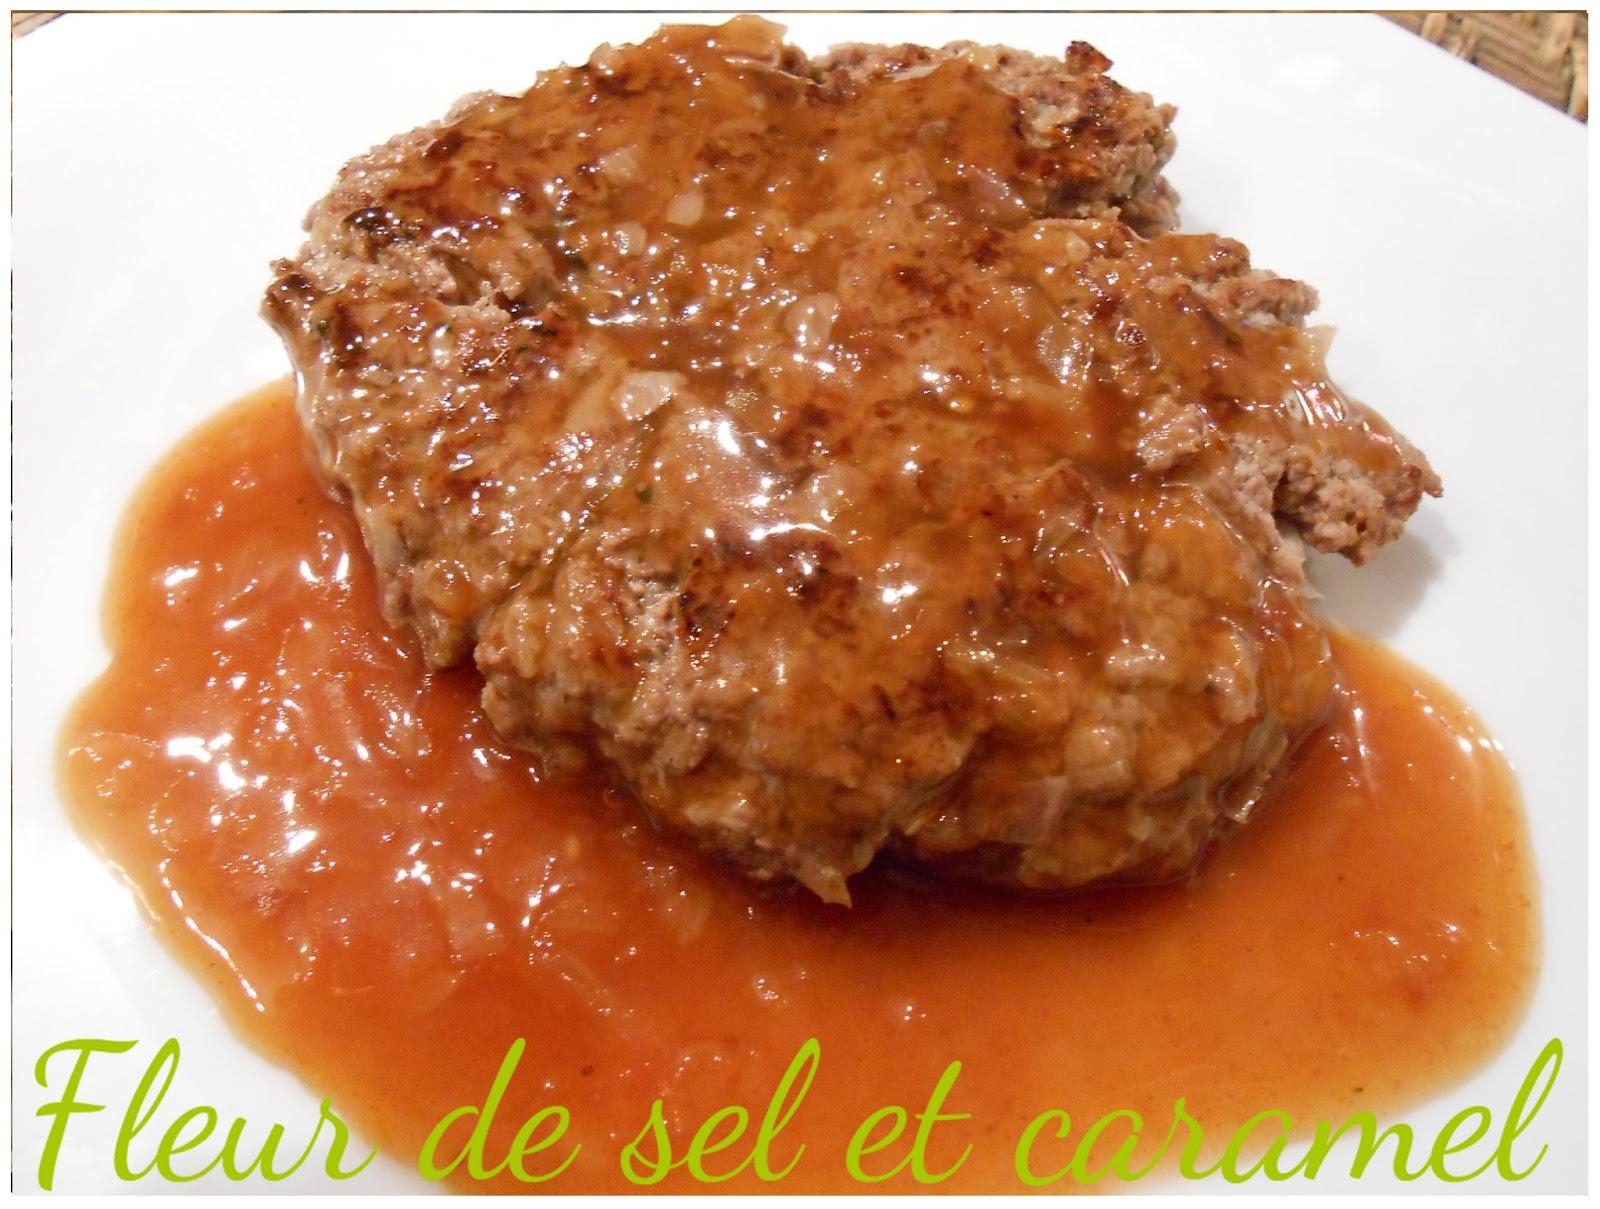 Fleur de sel et caramel steak hach l 39 chalotte et sauce normande - Culture de l echalote ...